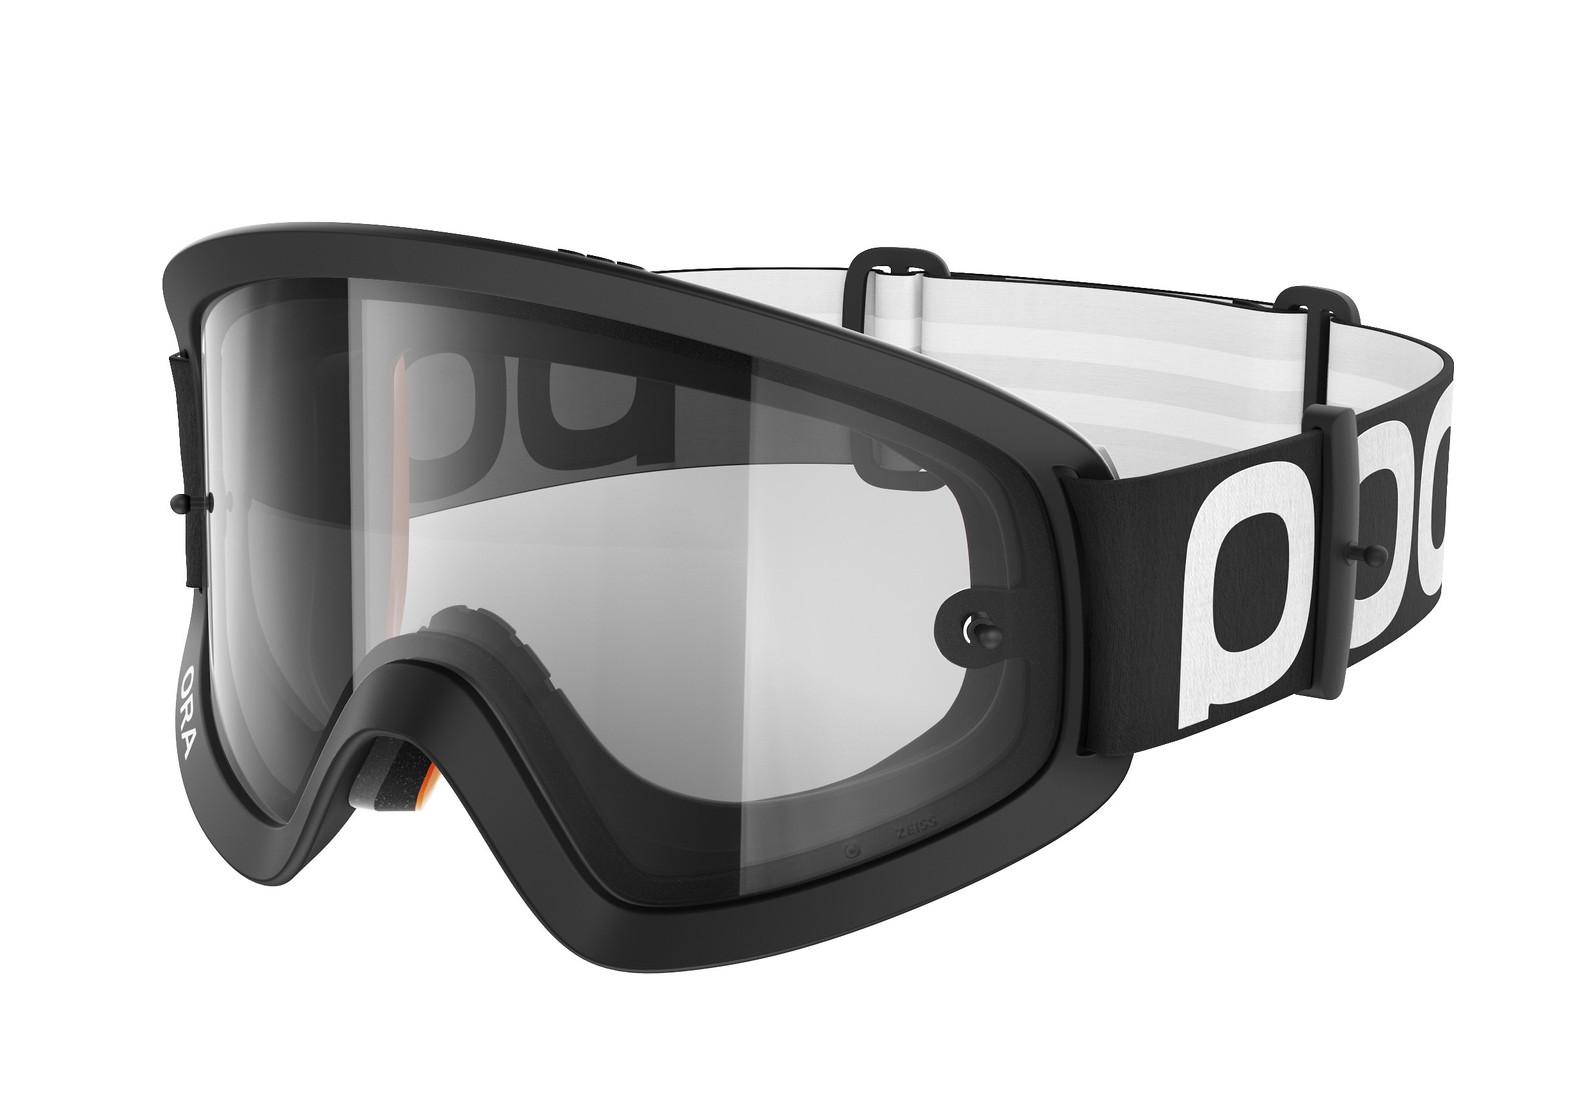 452ea4bcd7 POC Ora Clarity Goggles - Reviews